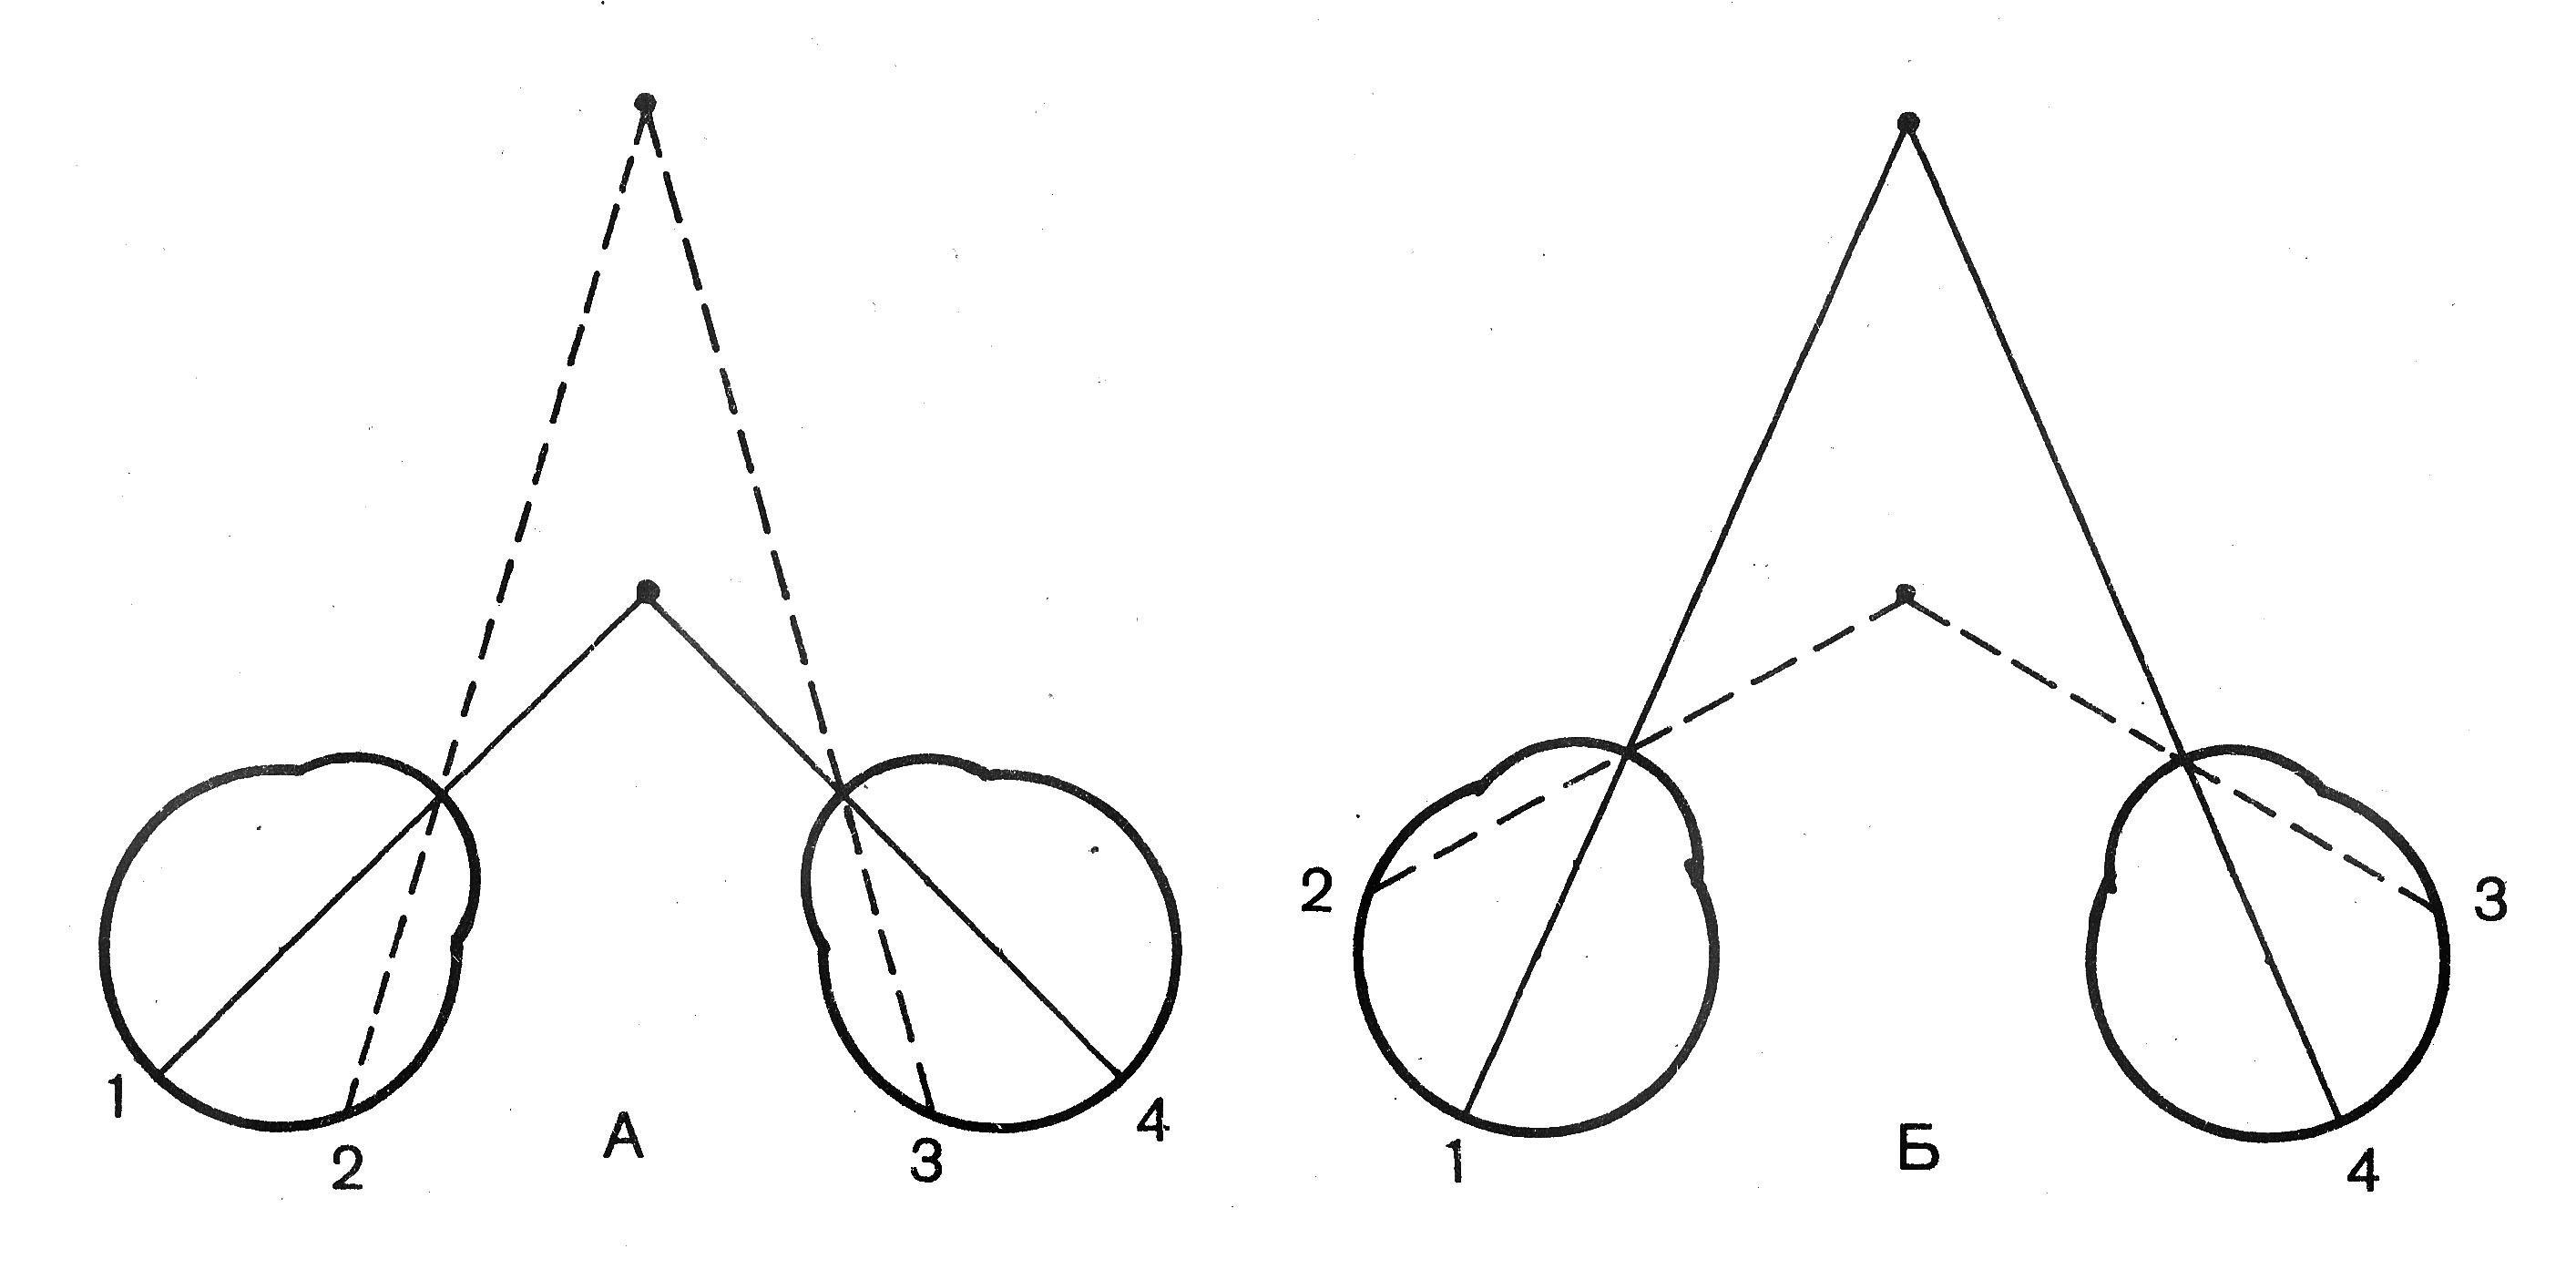 e4e63a1c0 تسهل الرؤية ذات العينين إلى حد كبير إدراك الفضاء وعمق الكائن ، ويسهم في  تحديد شكله وحجمه.